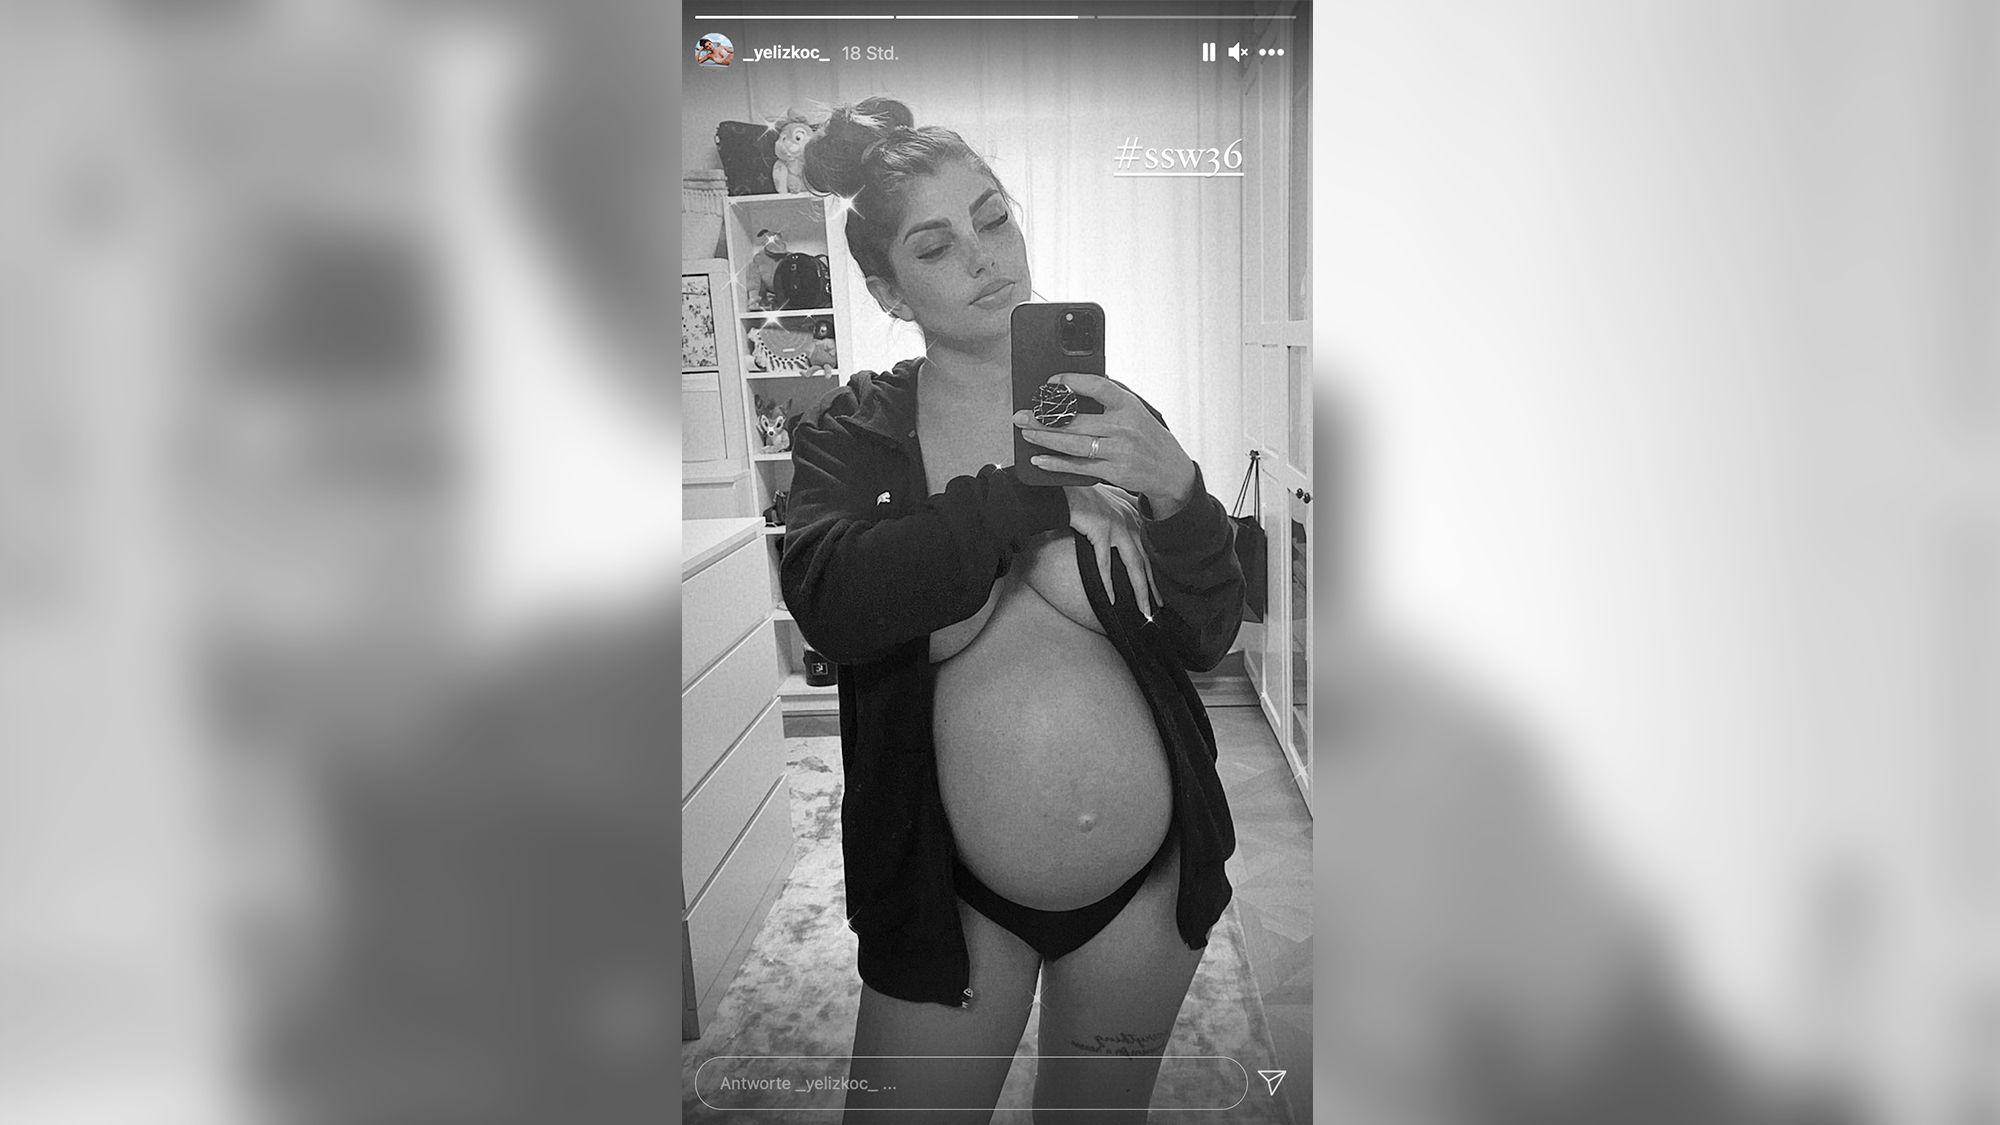 Yeliz Koc: Guck mal, Jimi! Sie setzt ihren Babybauch in Szene – oben ohne